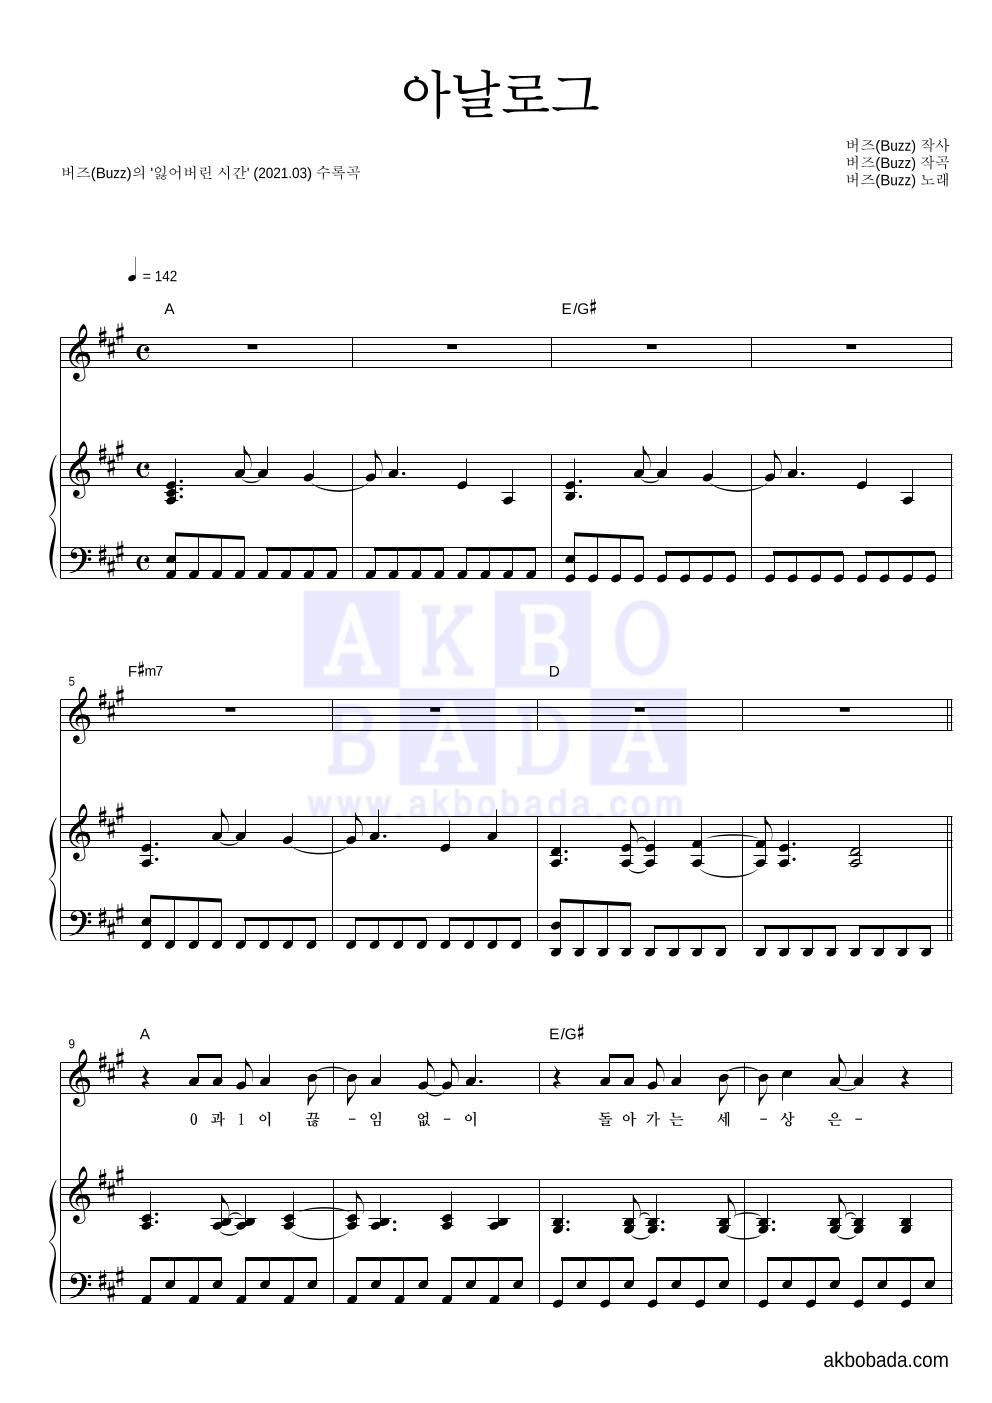 버즈(Buzz) - 아날로그 피아노 3단 악보